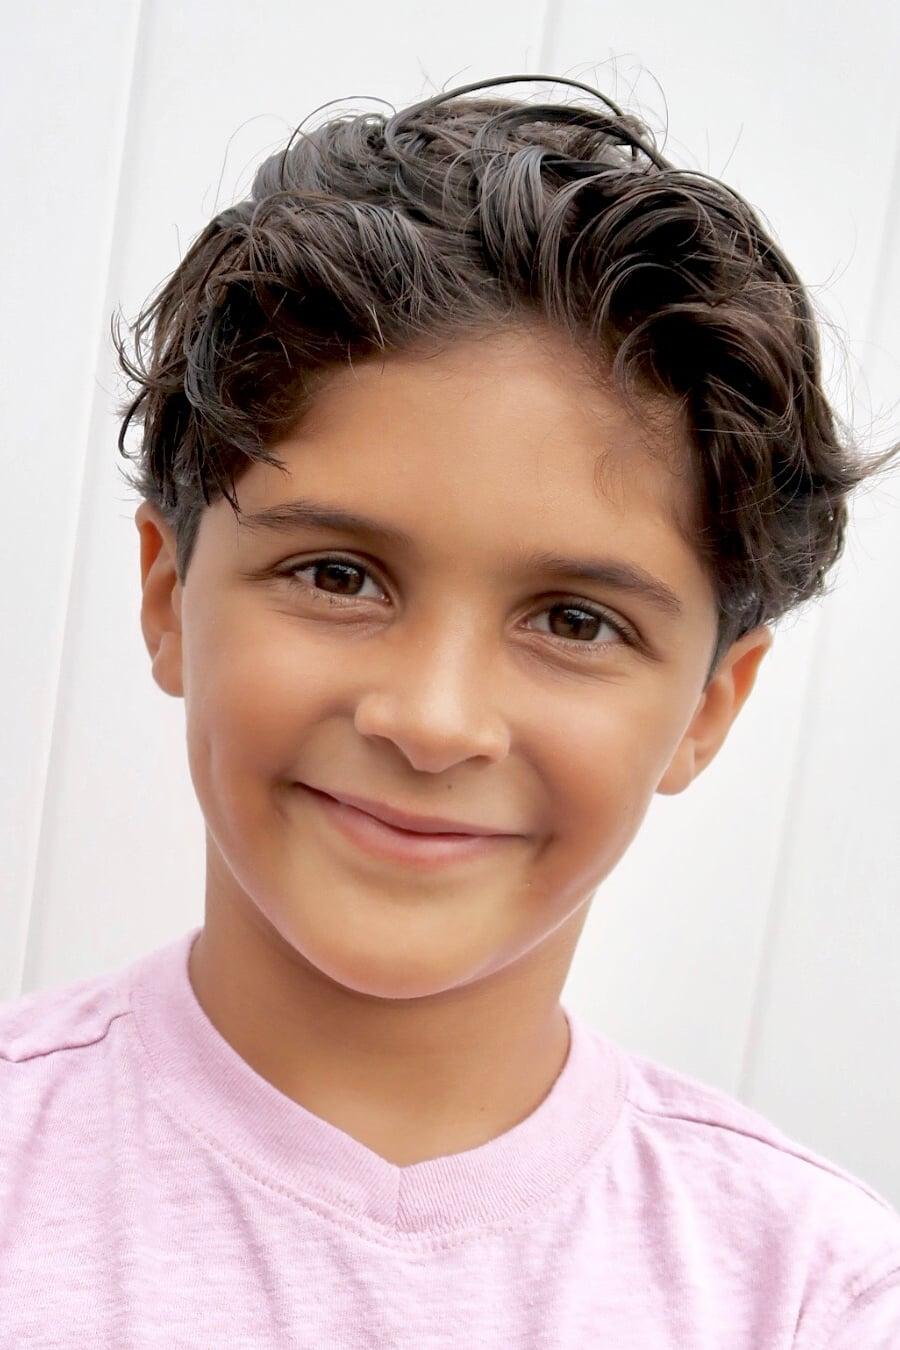 Adrian Raio